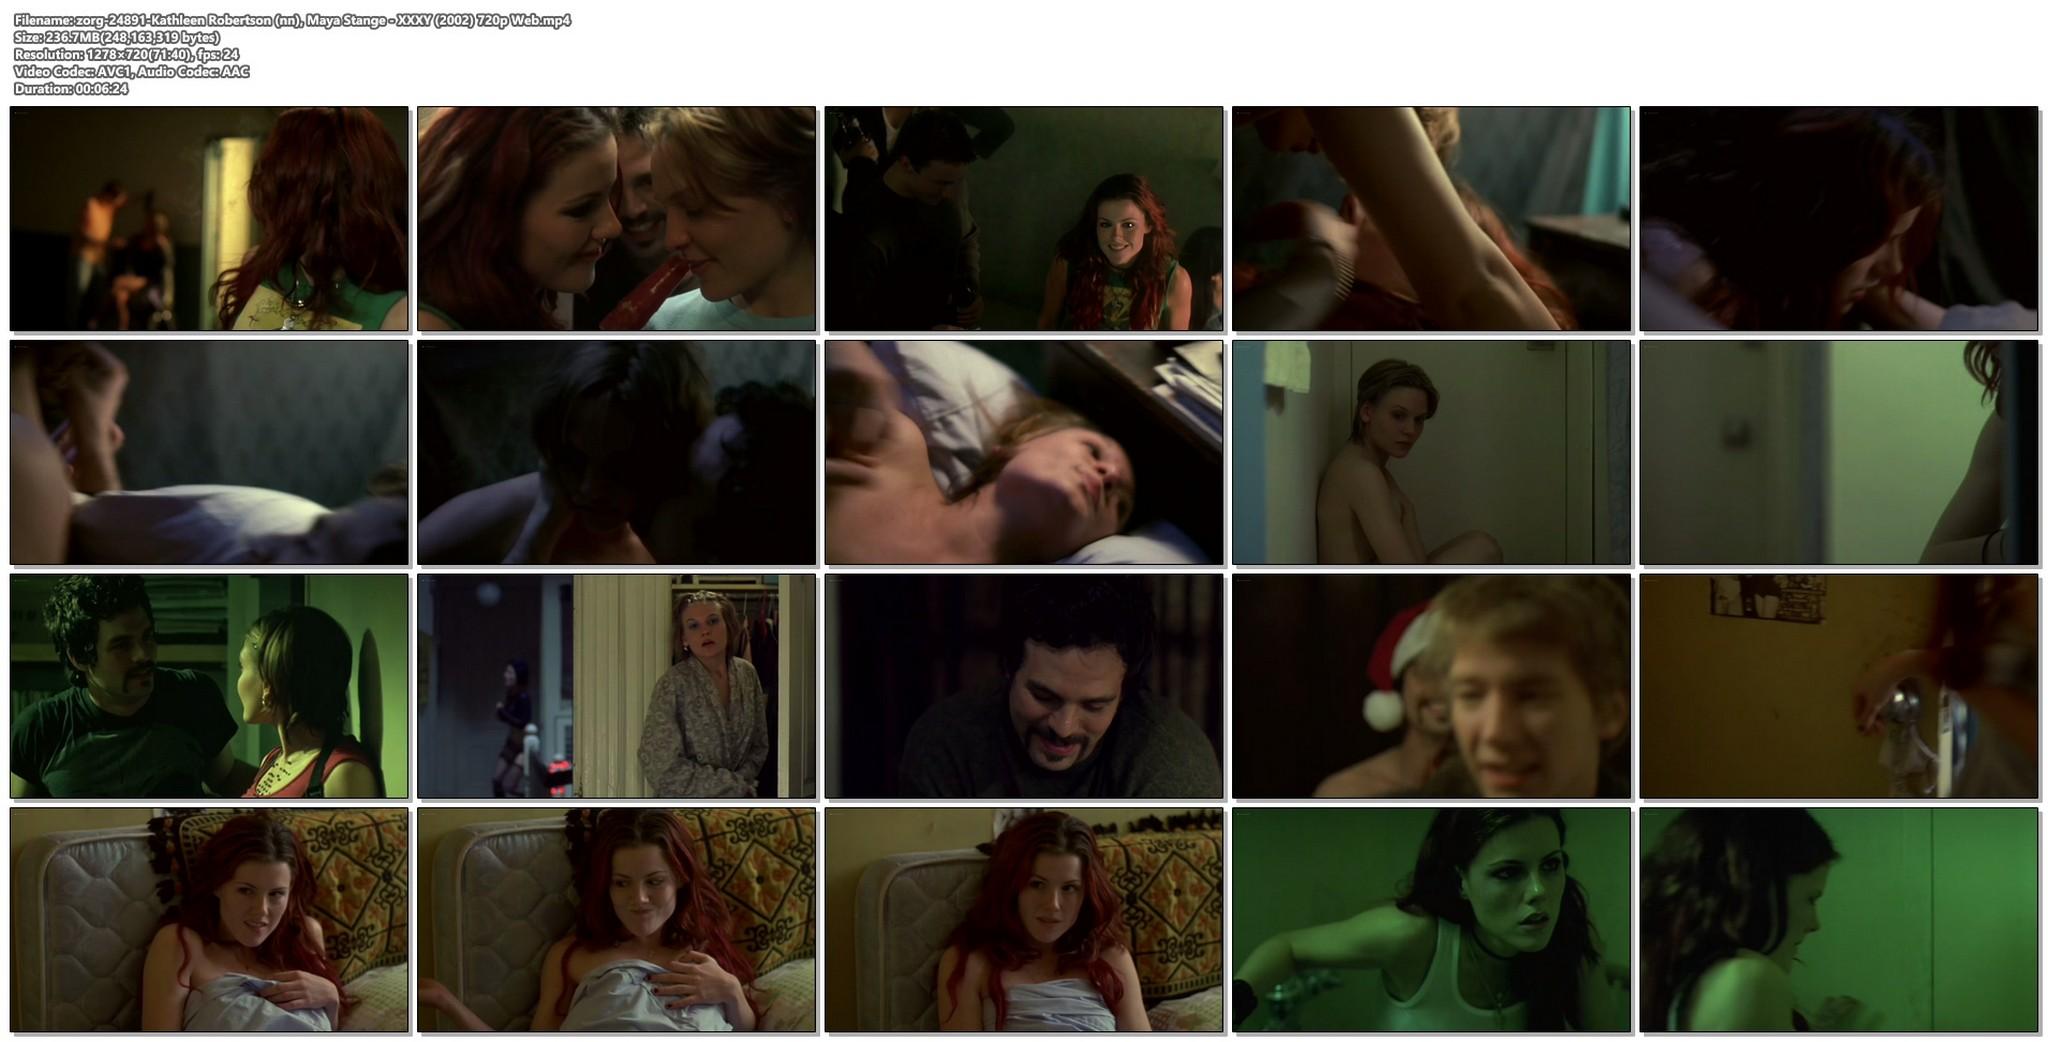 Kathleen Robertson sex threesome Maya Stange nude XX XY 2002 720p Web 16